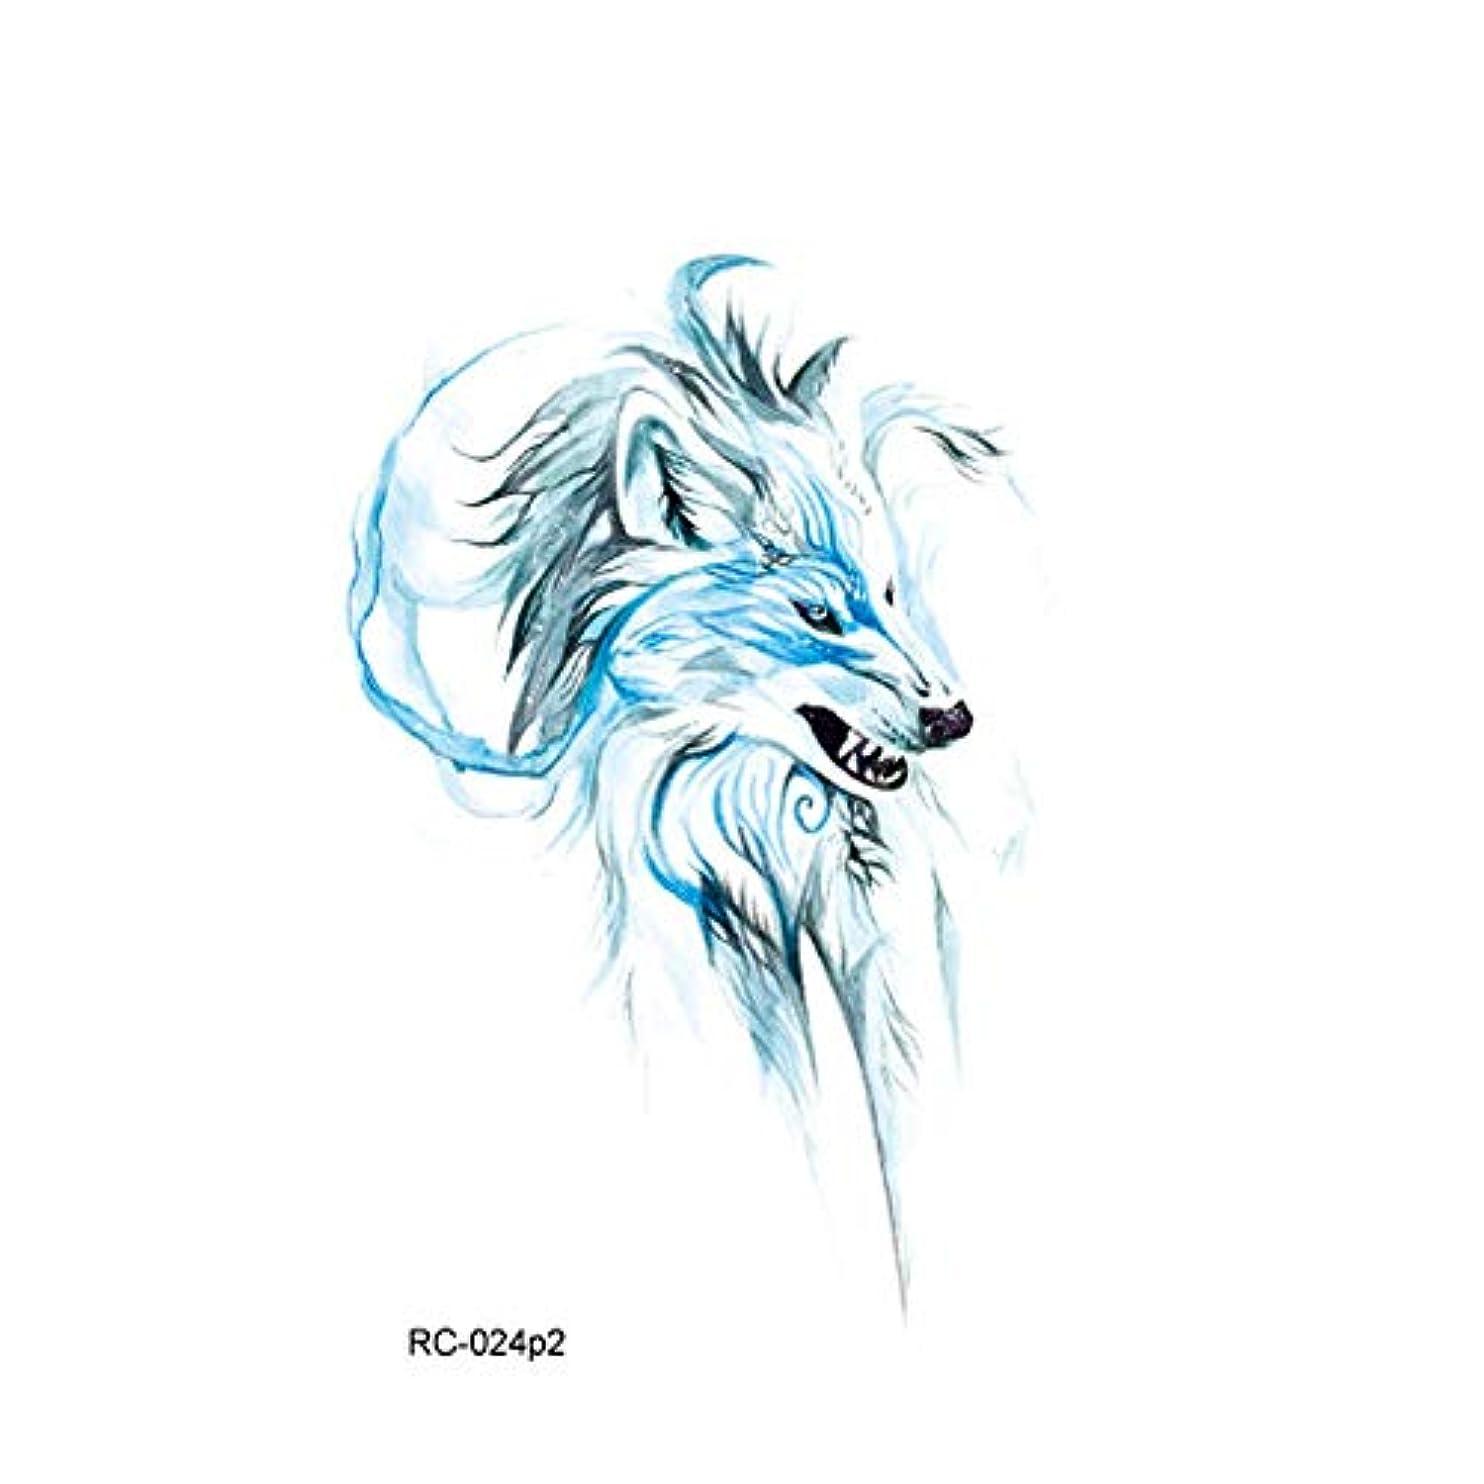 混雑つぶやき他にボコダダ(Vocodada)タトゥーシール 目立つ タトゥー用ステッカー ボディーアート タトゥー用品 刺青シール 長持ち 防水 腕、足、体、胸、肩、背中に簡単貼る 人体 女の子 動物 可愛い 矢印 動物 カラフル 狐...